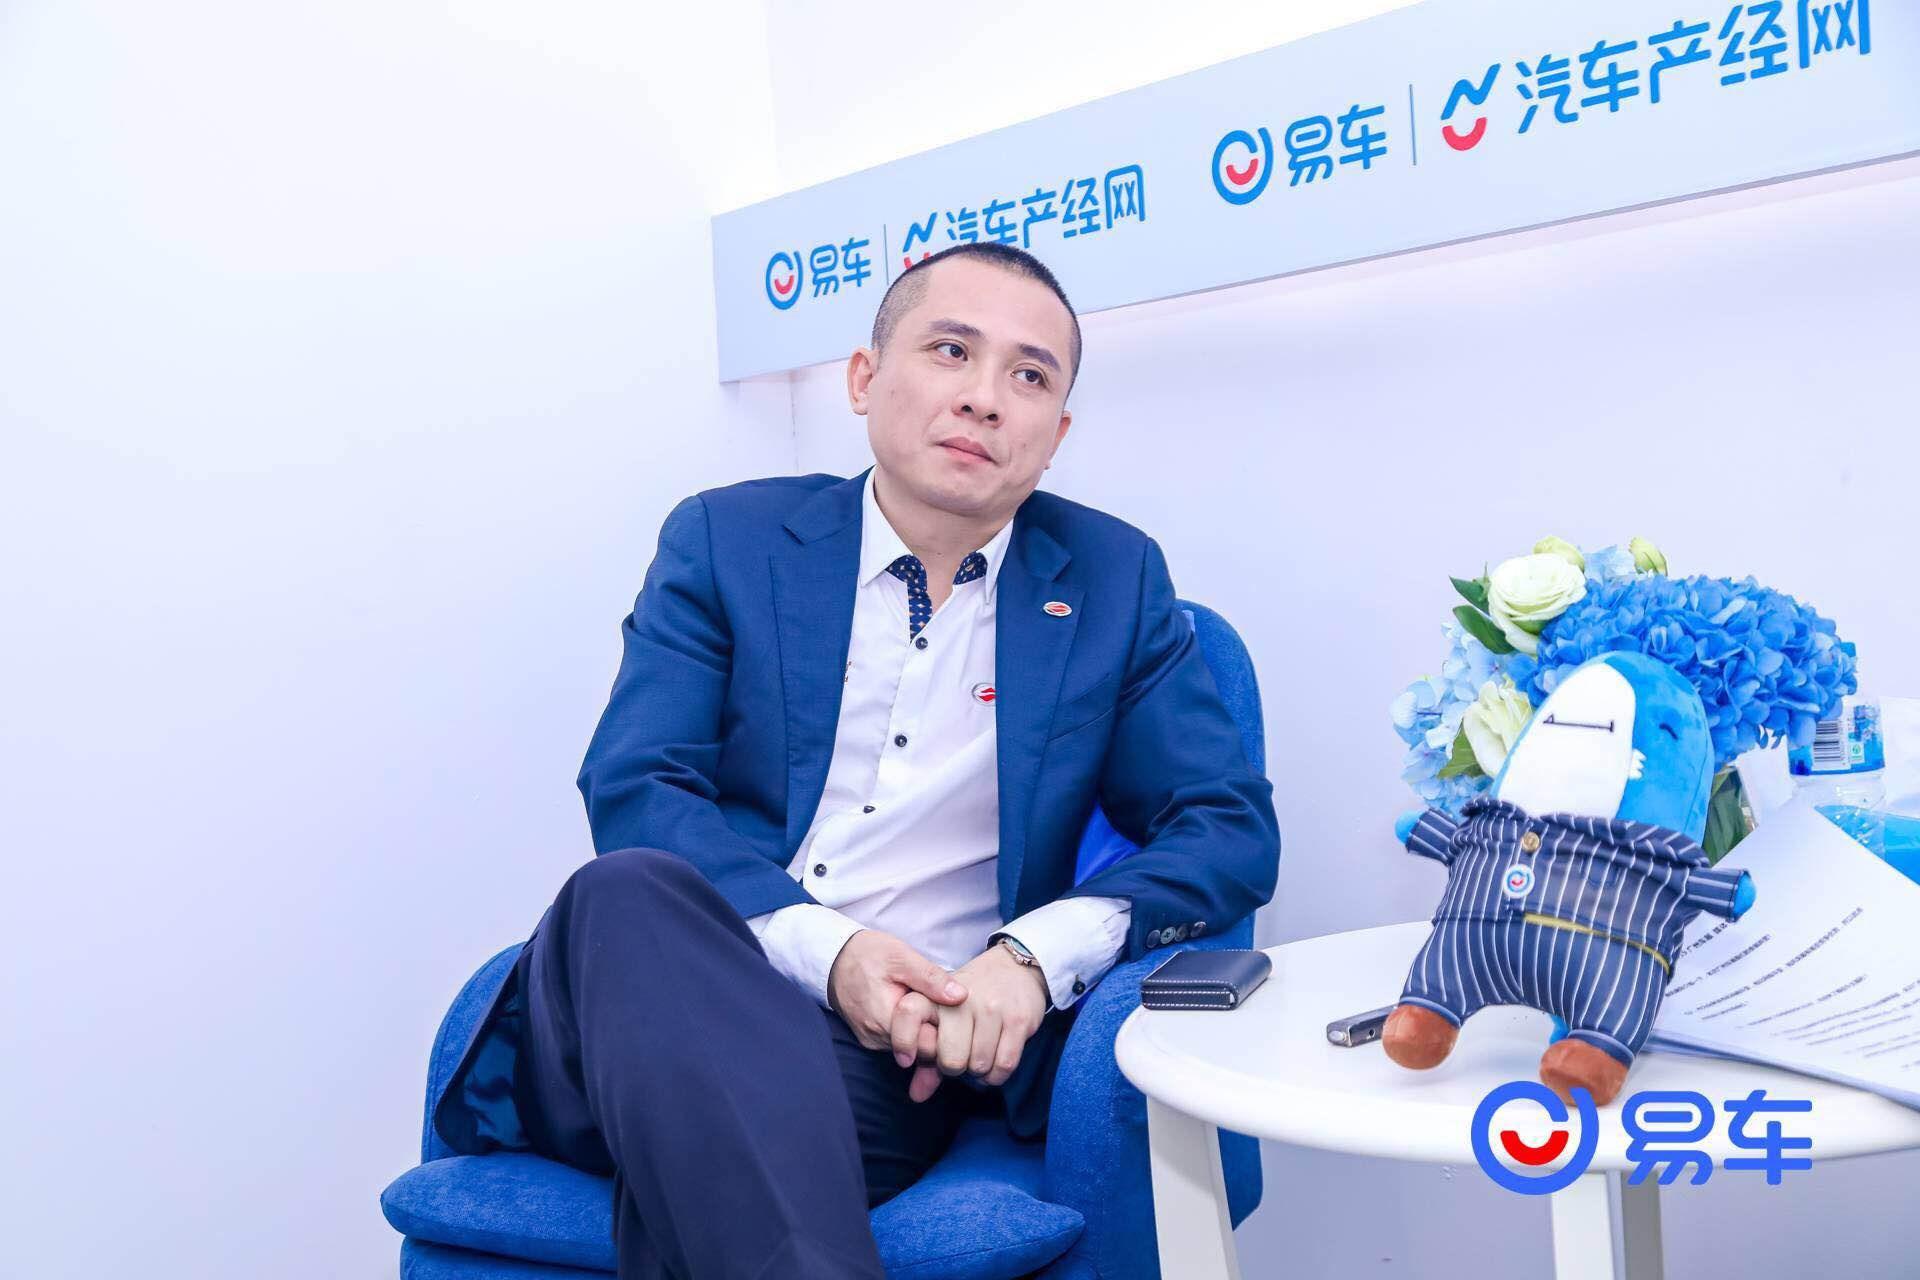 潘欣欣:陆风荣曜独享展台的眼前 是CSPA平台的底气丨汽车产经